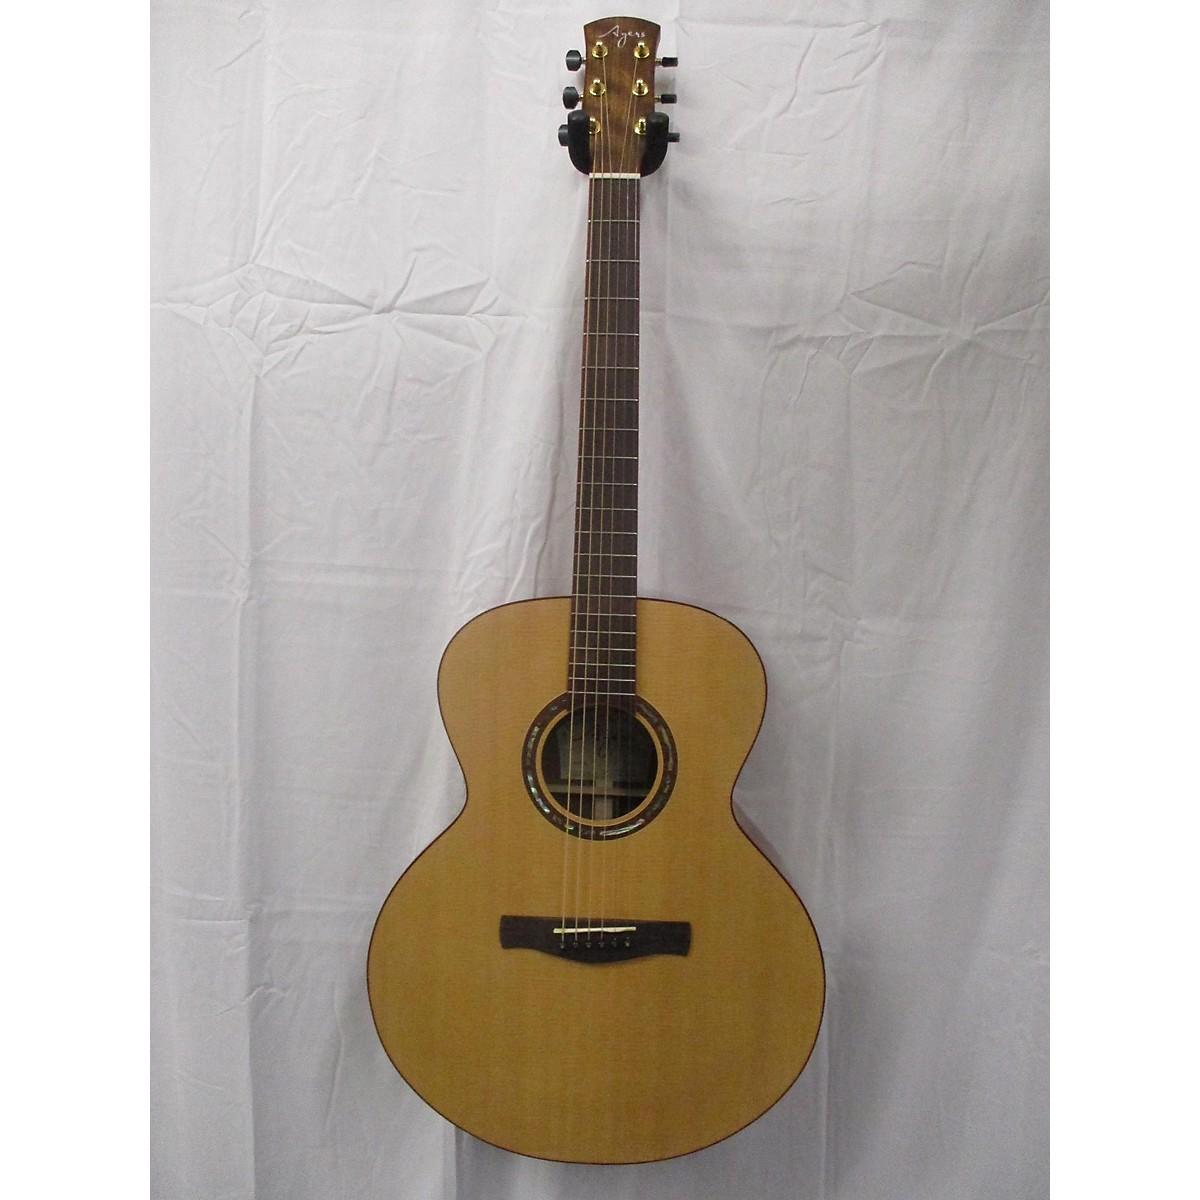 Ayers SJ-05 Acoustic Guitar